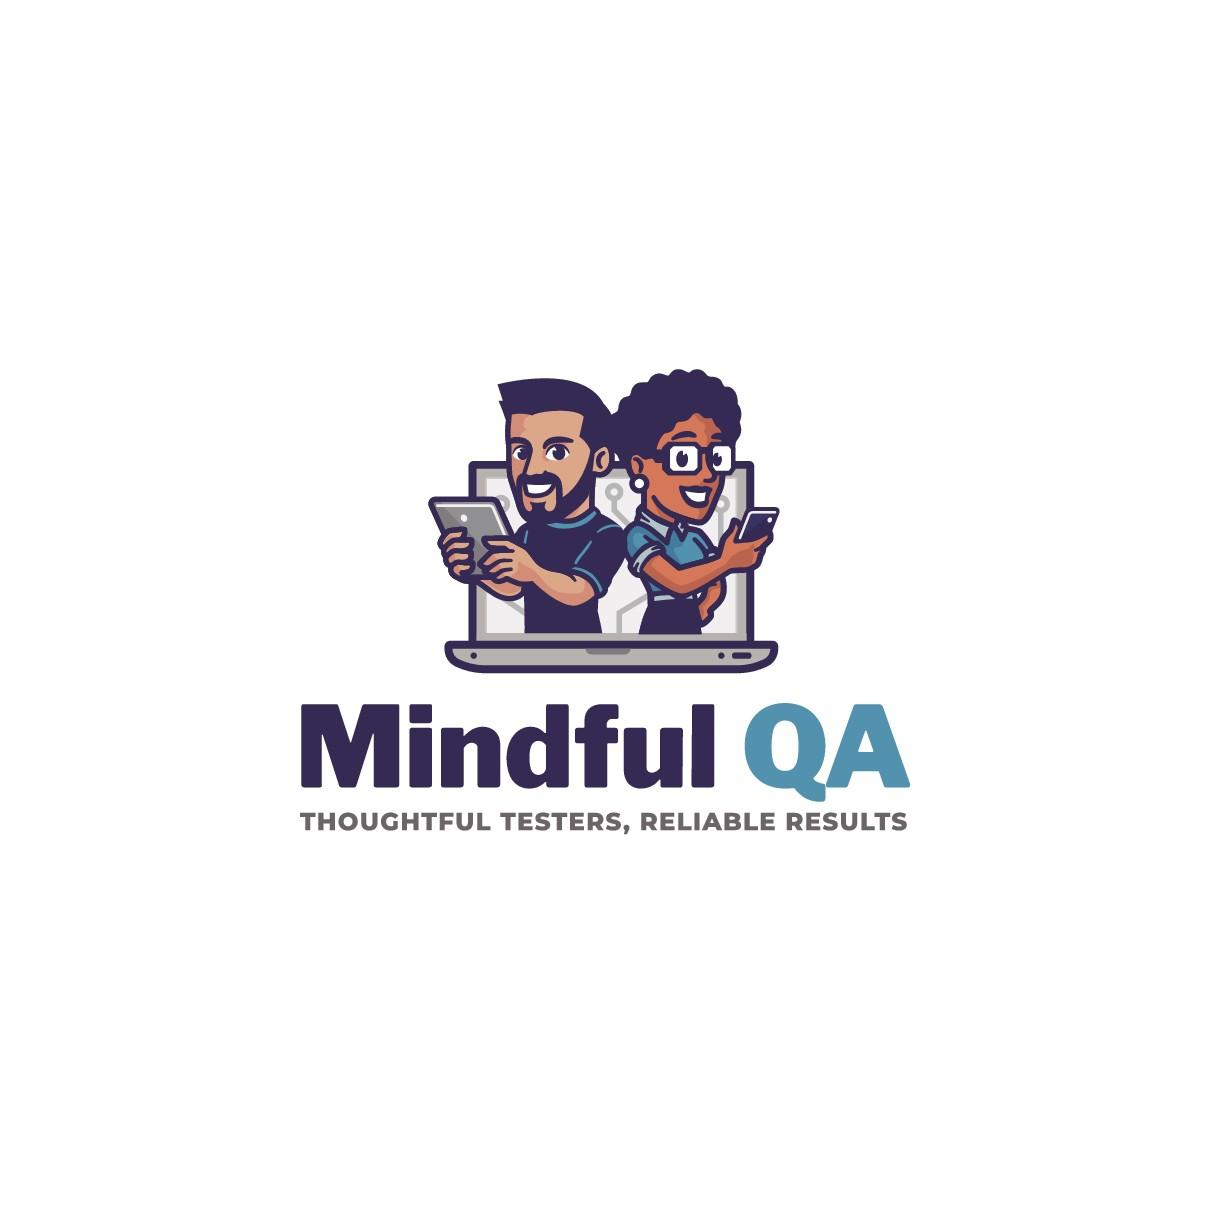 New logo for new QA company